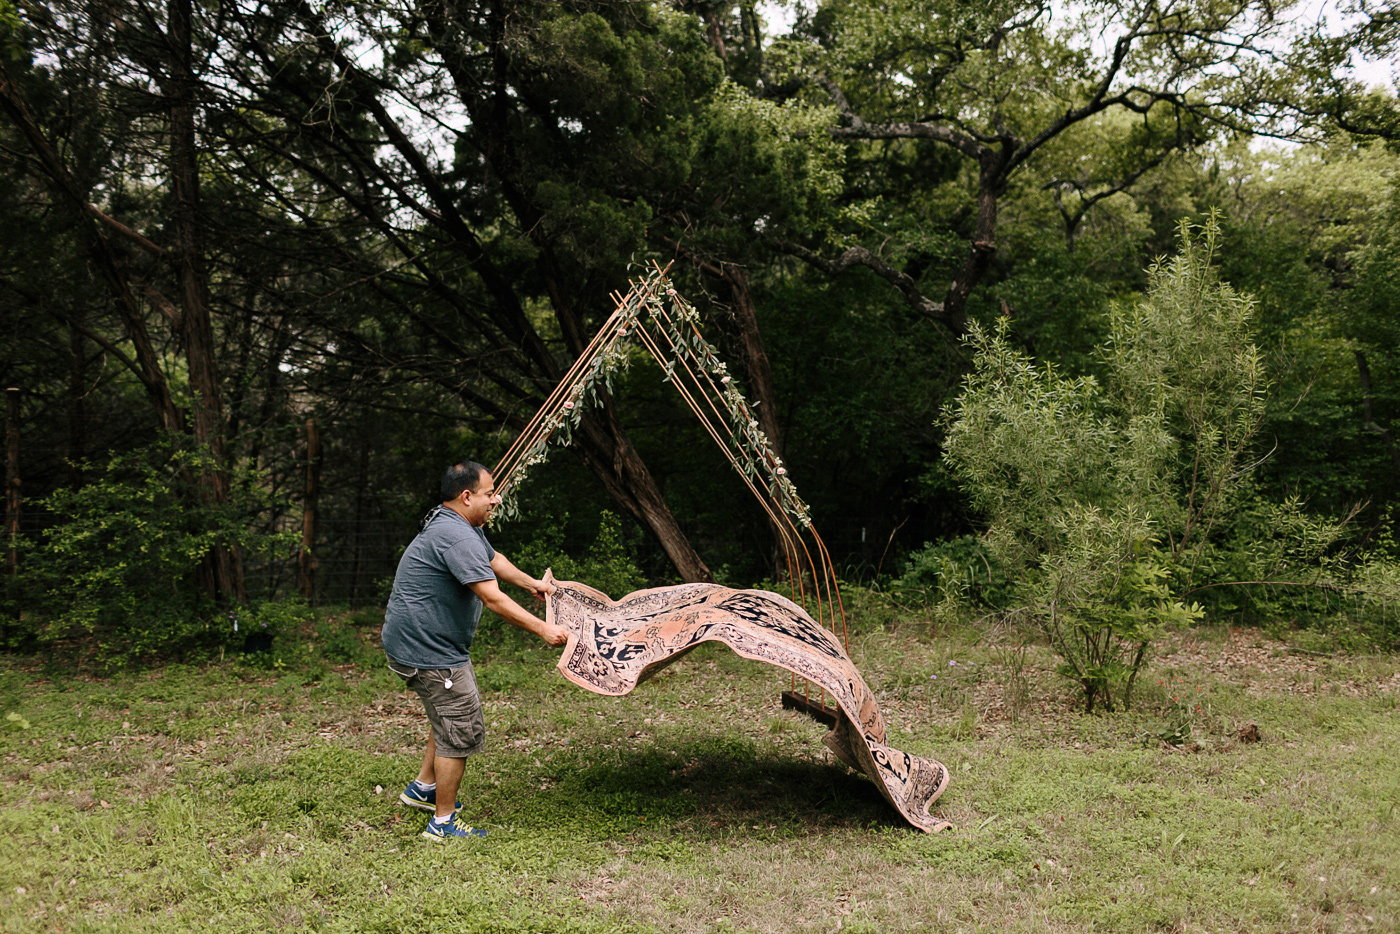 307-wimberley-texas-intimate-backyard-wedding.jpg